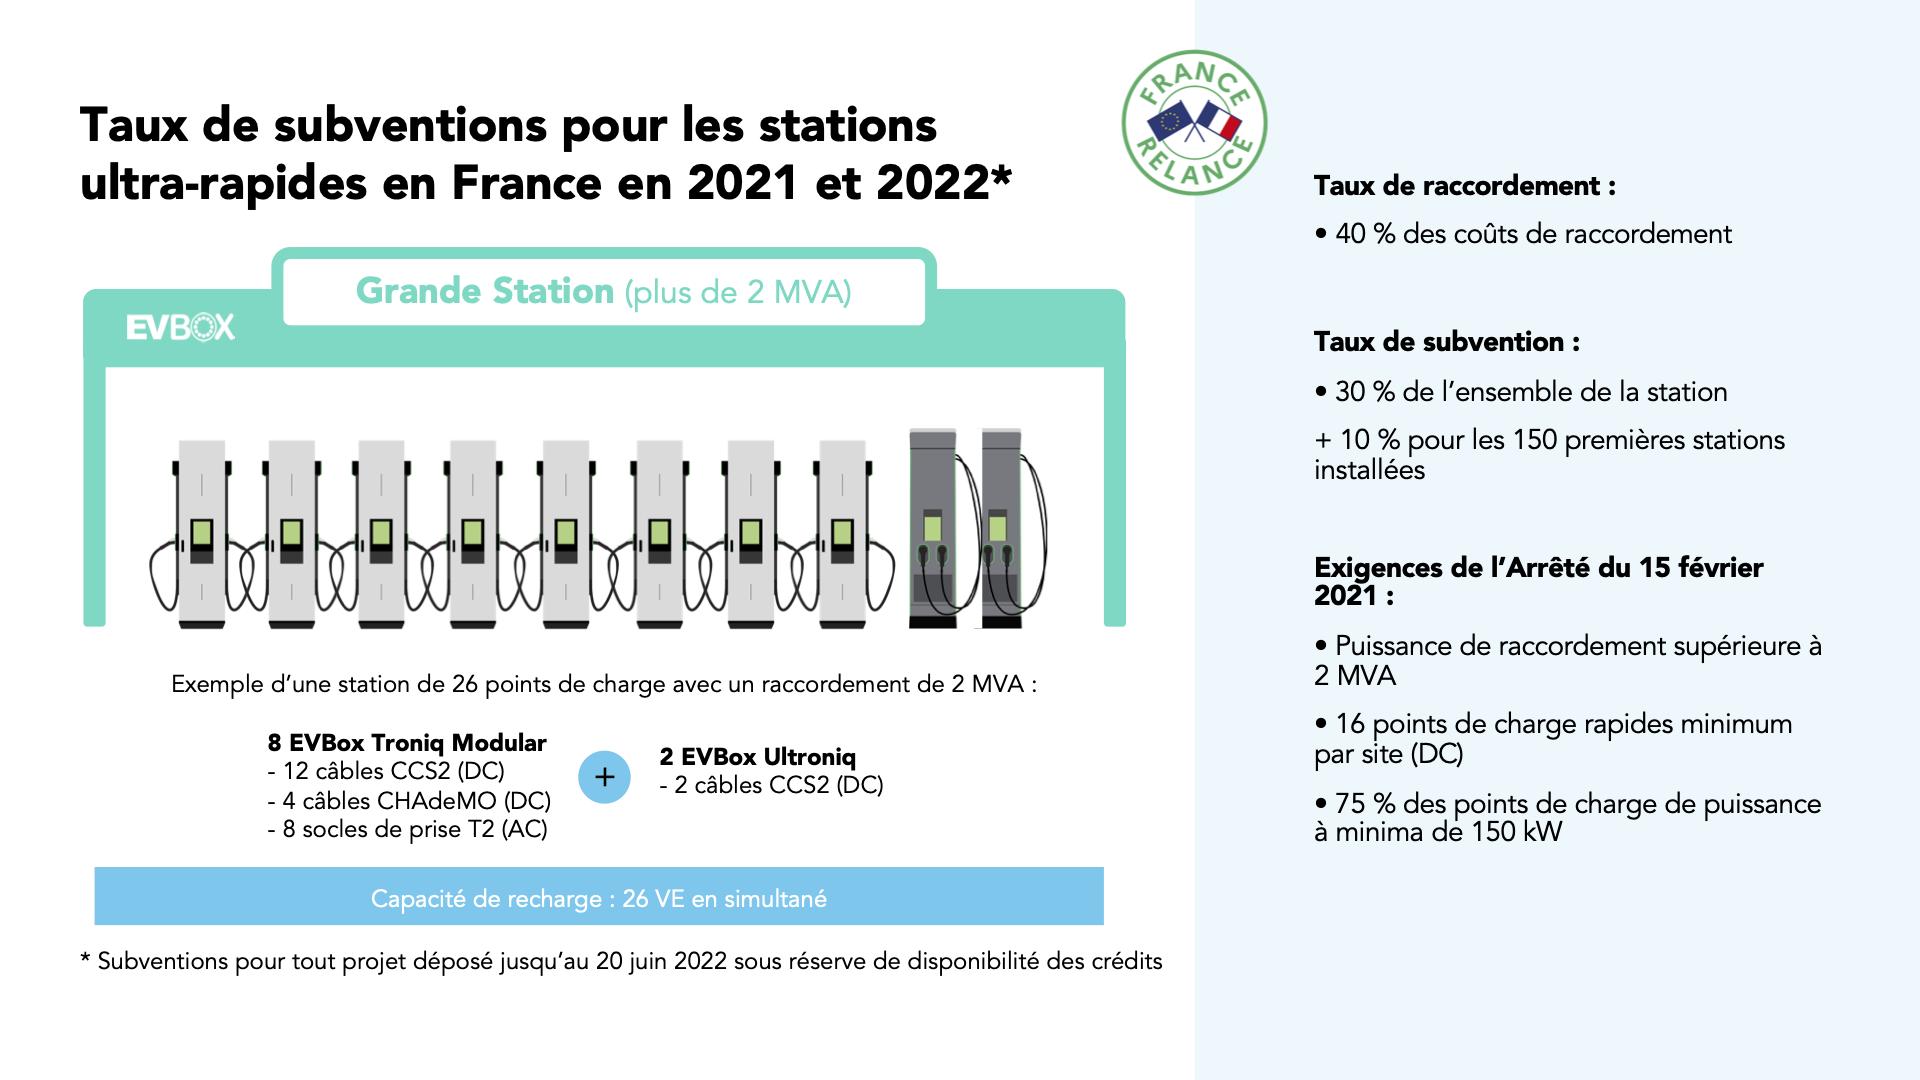 FR-blog-subventions-France-Relance-grande-station-recharge